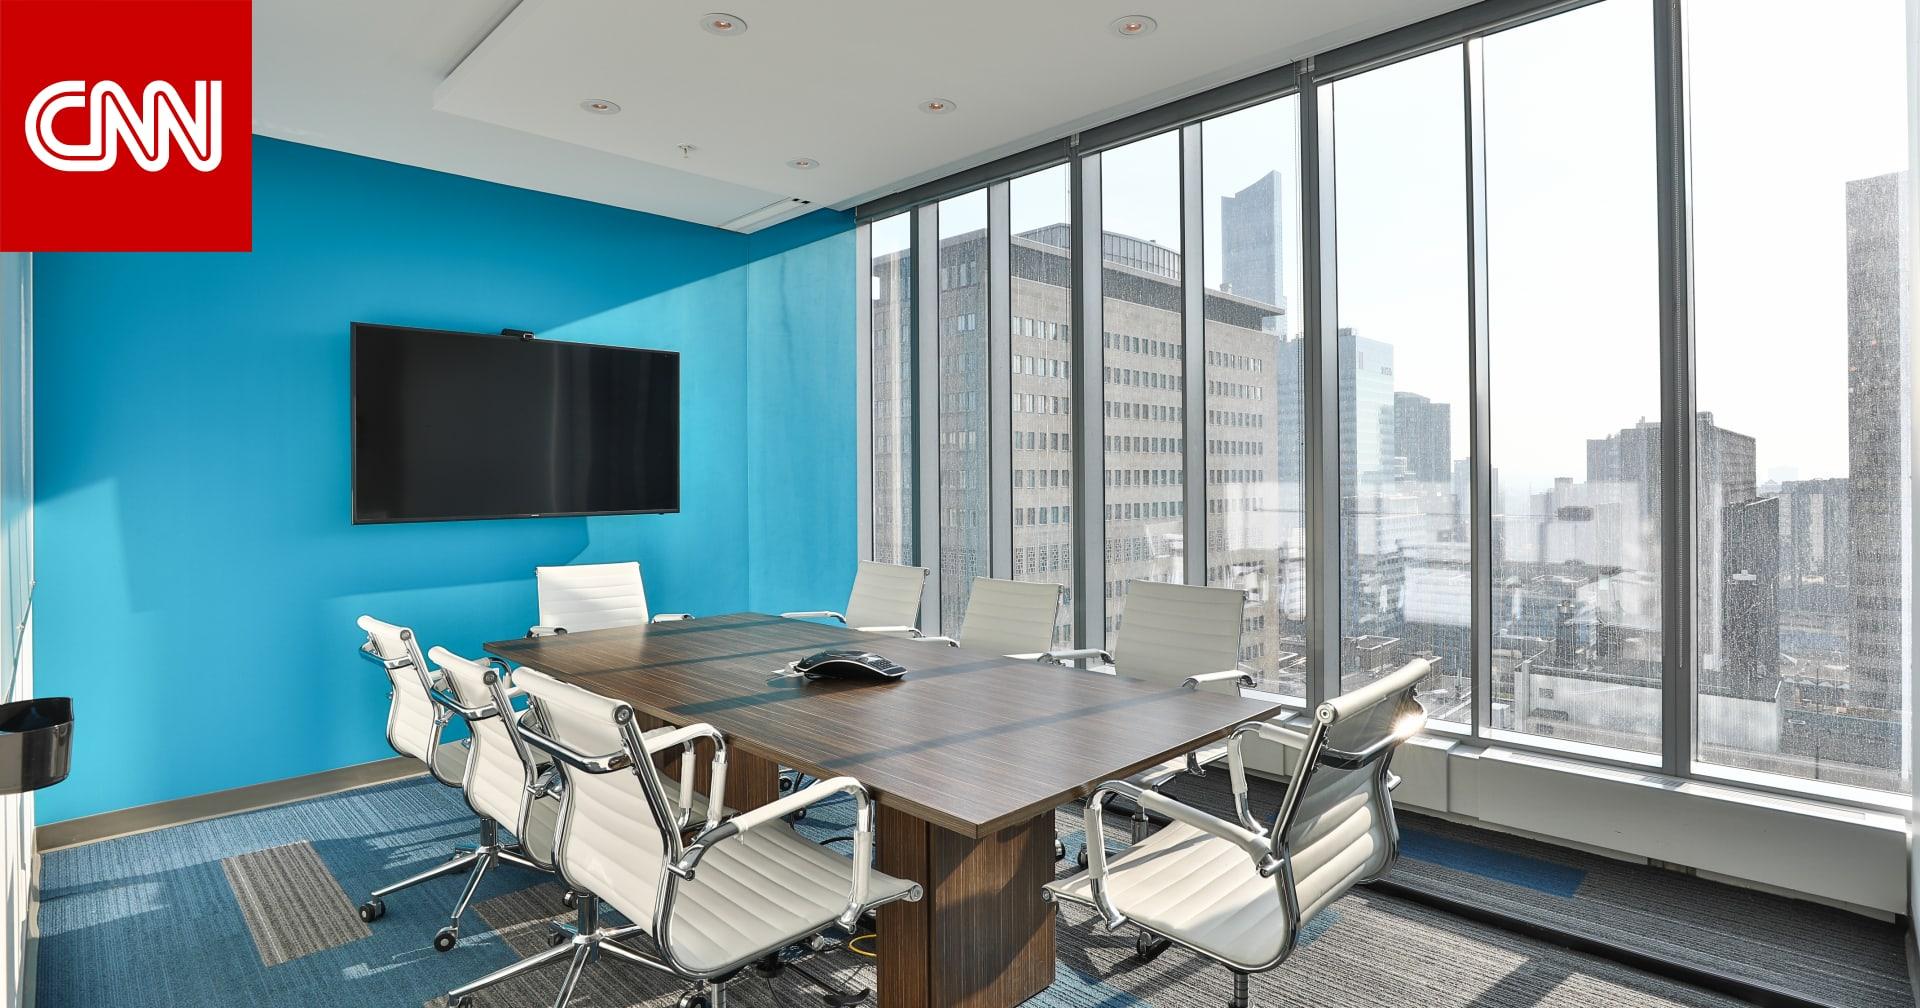 قد تكون المكاتب التقليدية شيئاً من الماضي.. هكذا ستغير التكنولوجيا أماكن العمل بالمستقبل